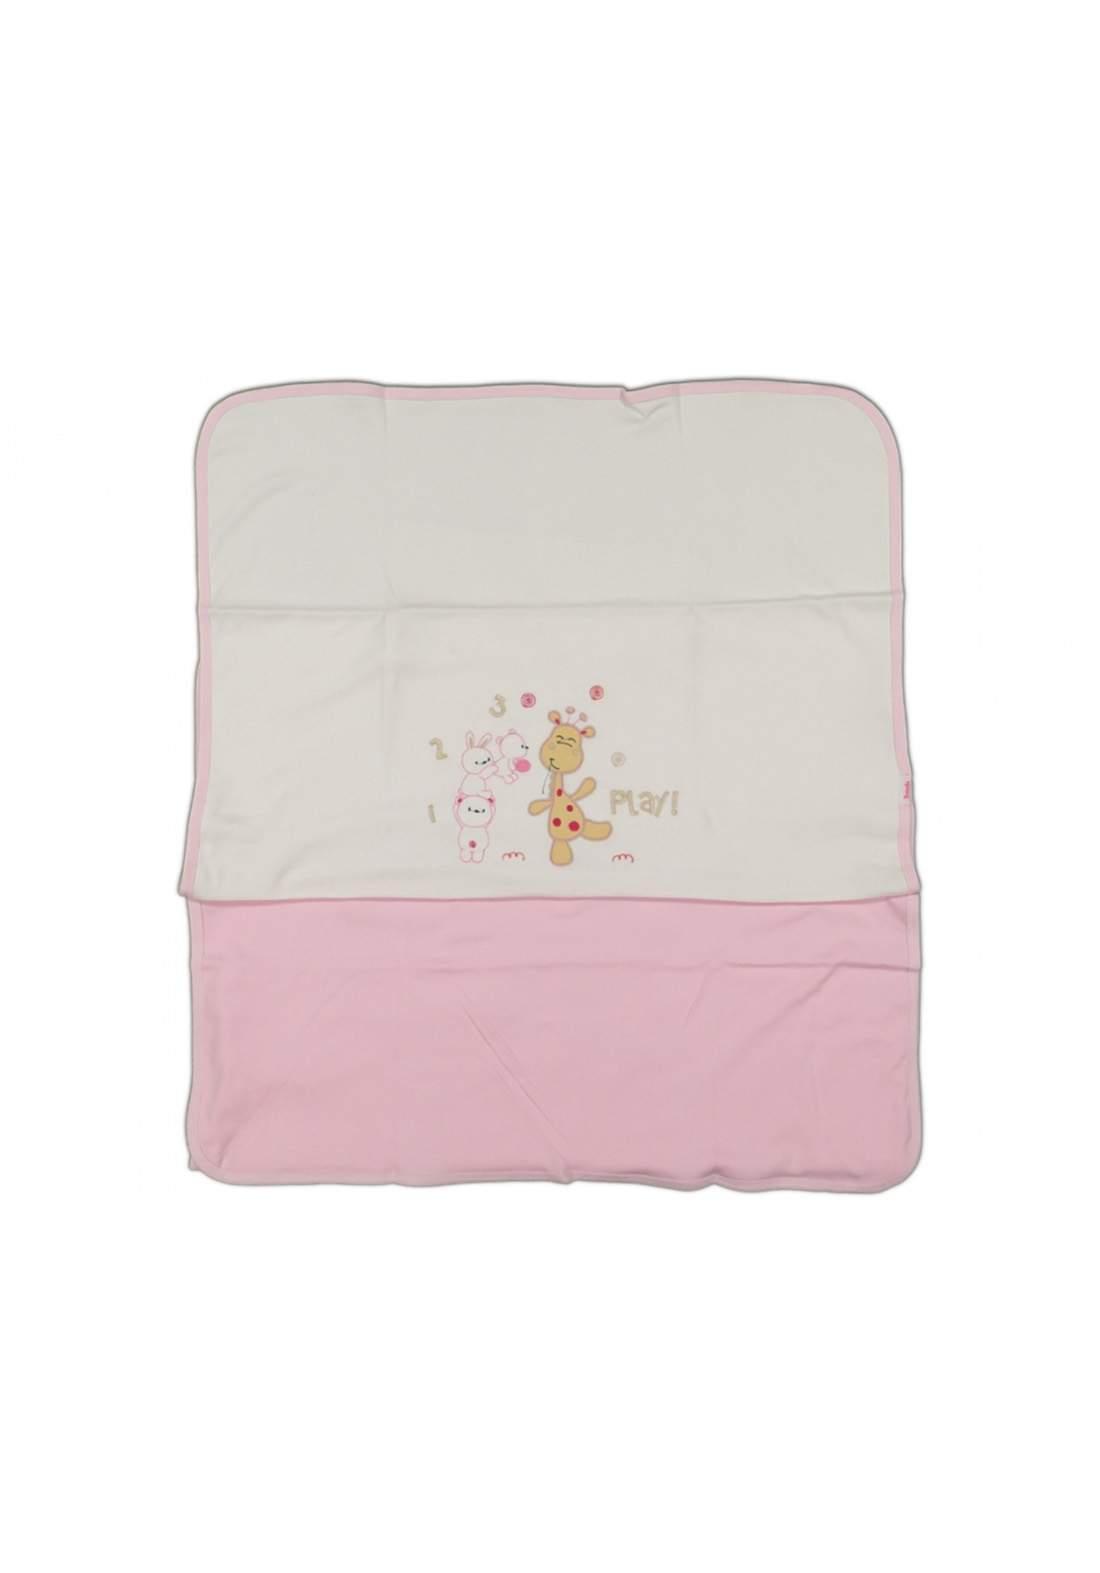 بطانية للاطفال حديثي  الولادة ابيض ووردي اللون